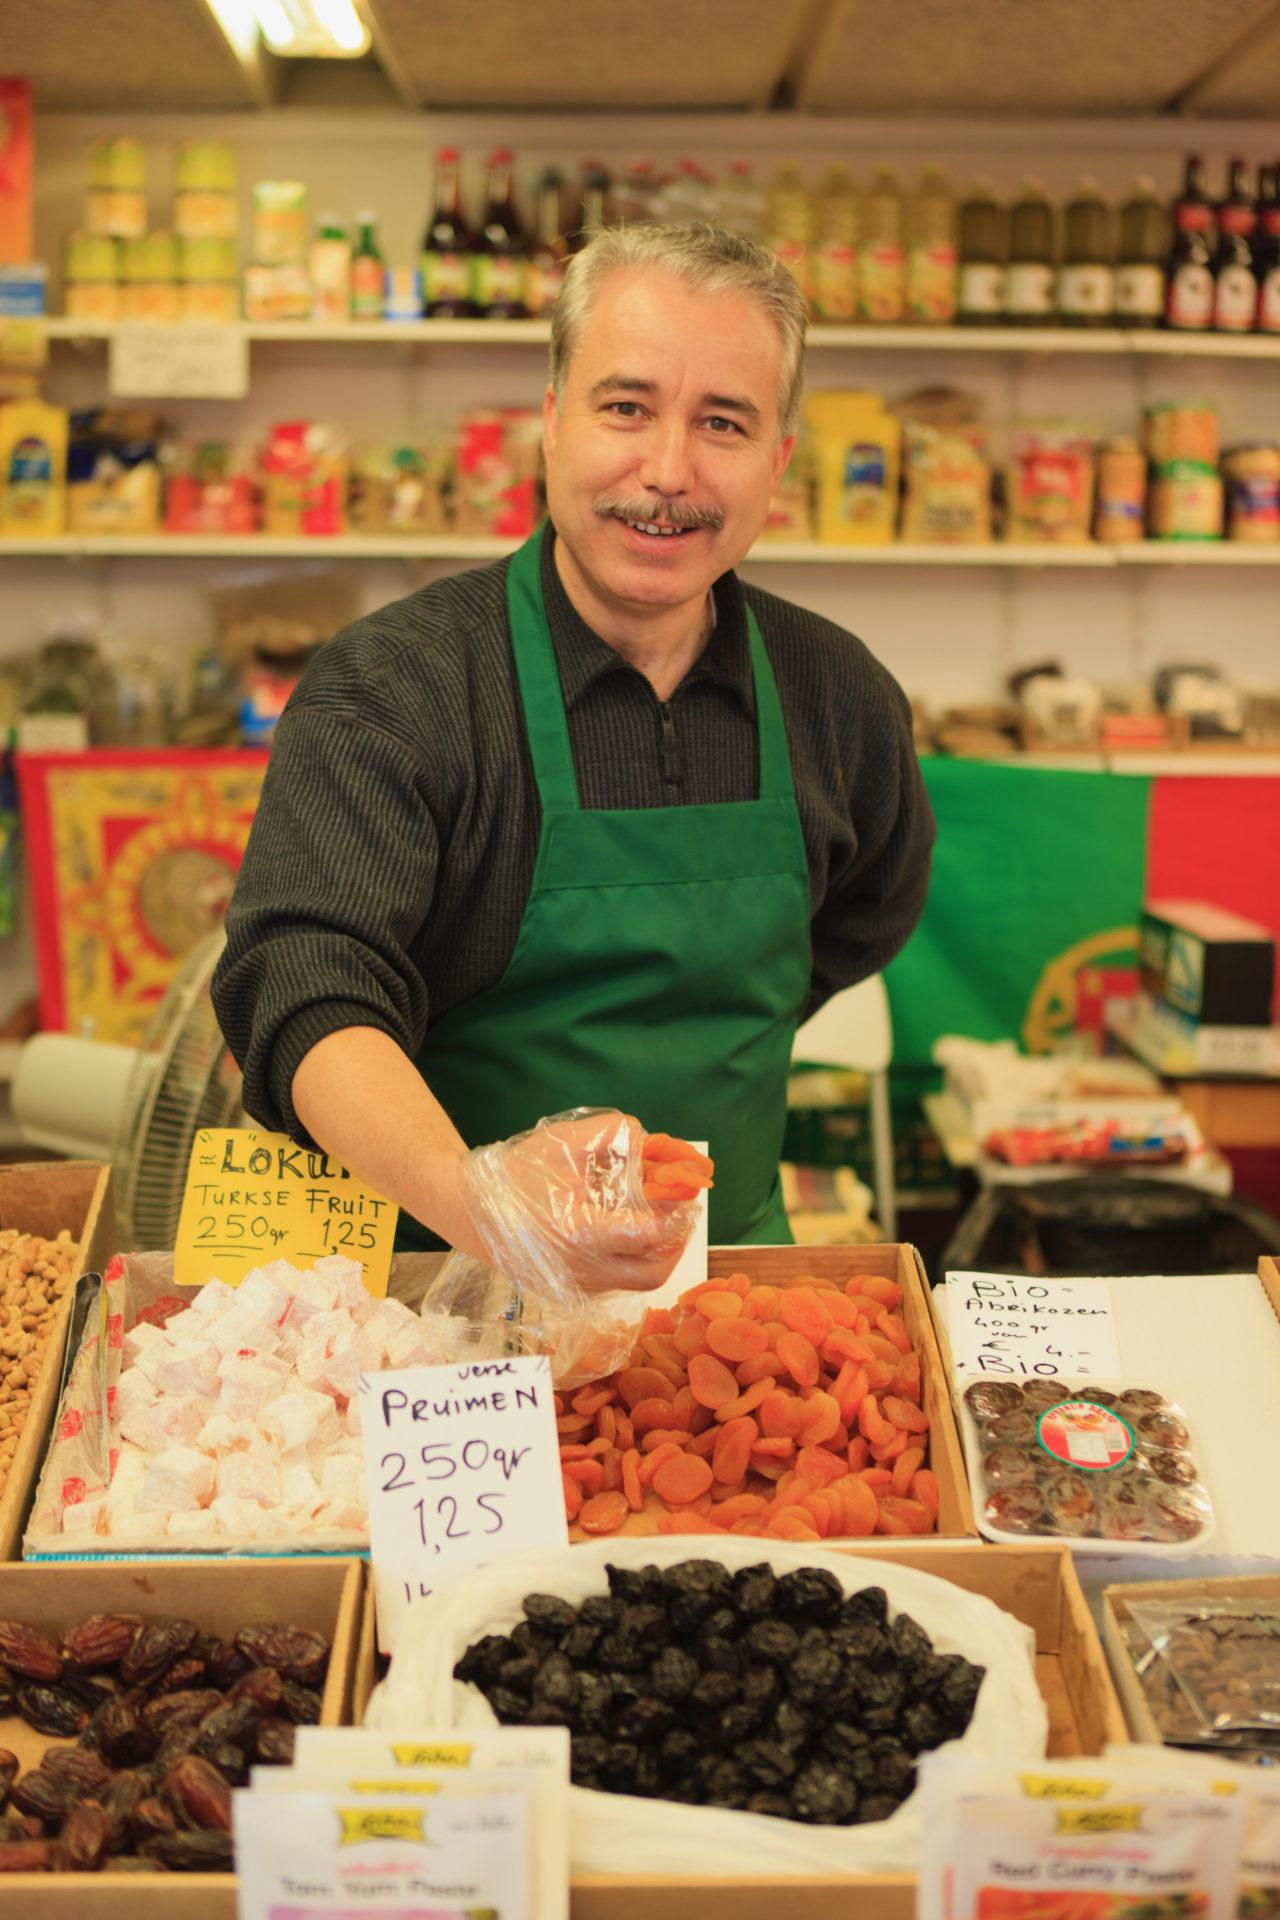 Verkäuder auf dem Markt in der Herman Costerstraat in Den Haag